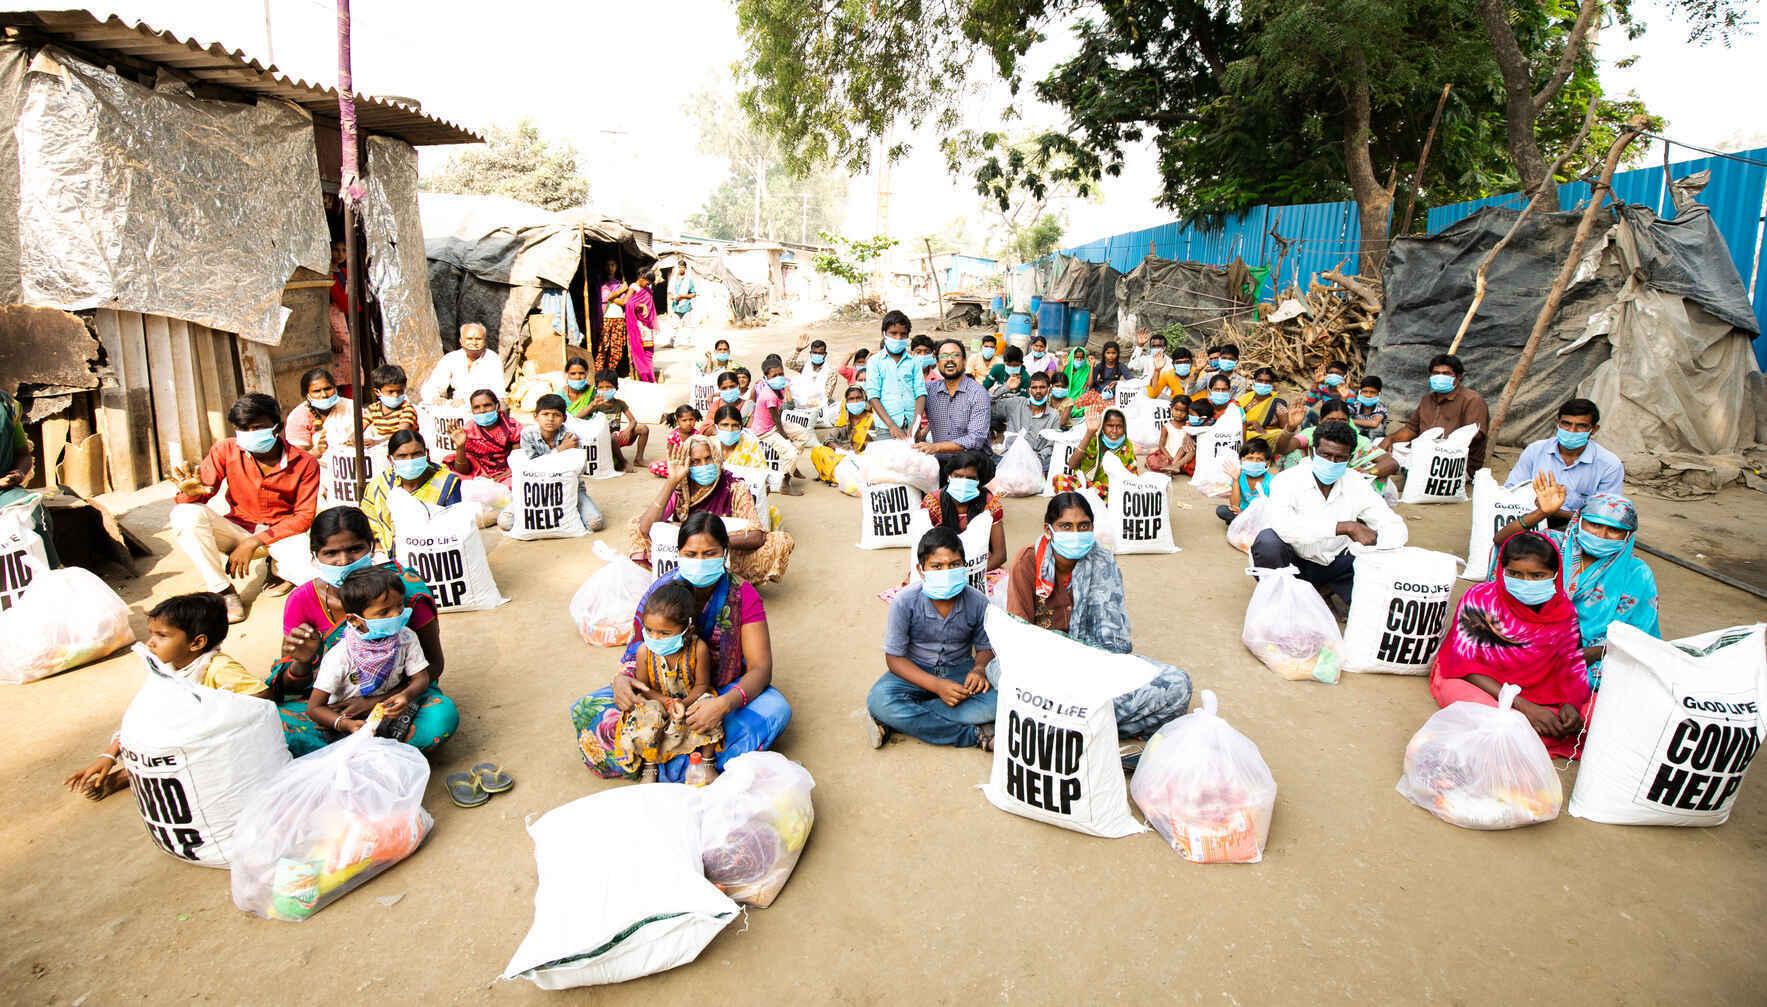 India COVID Crisis Worsening! image